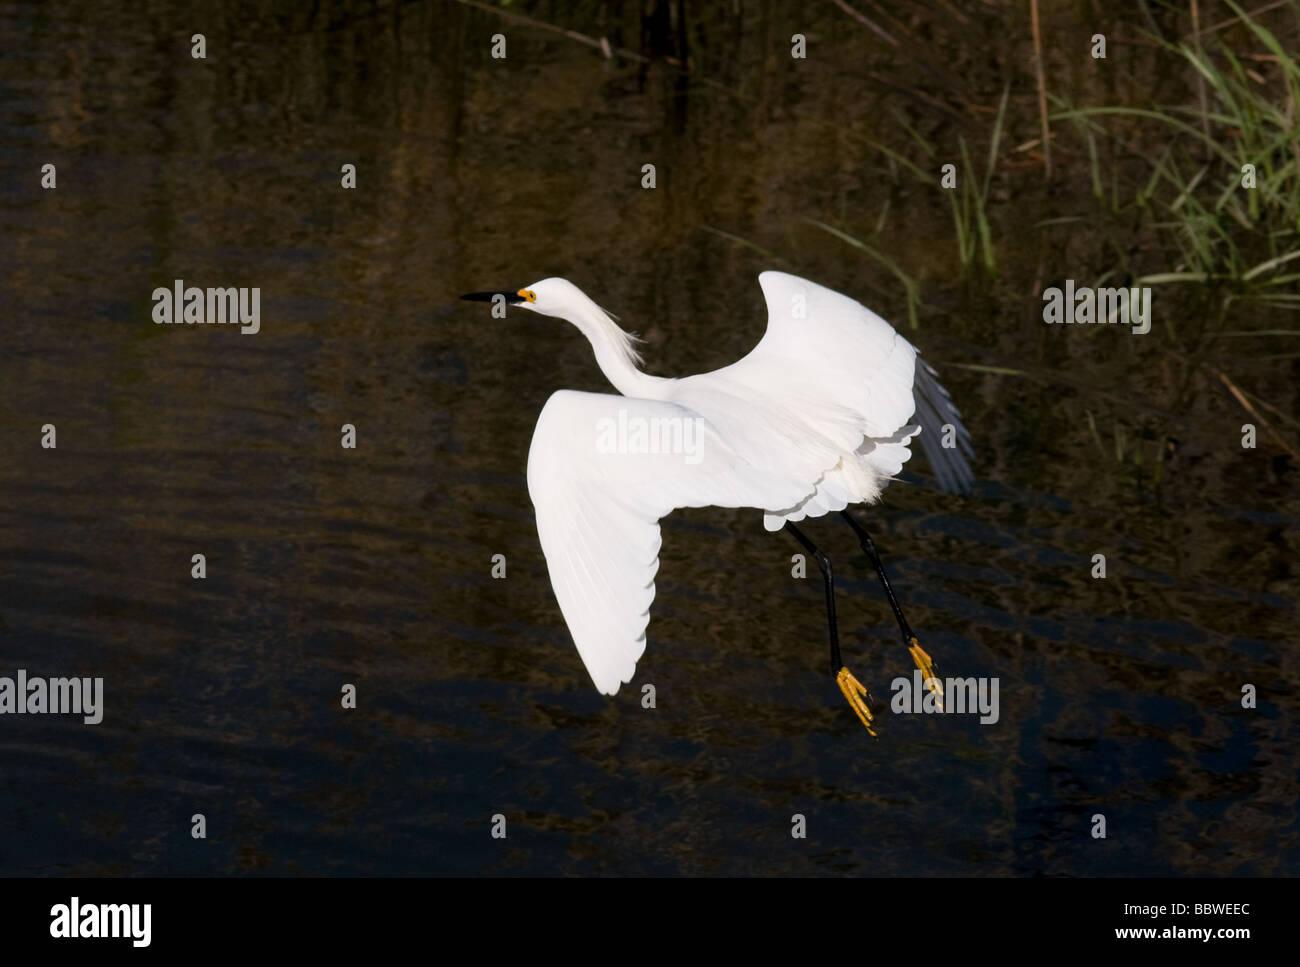 White Egret in flight - Stock Image